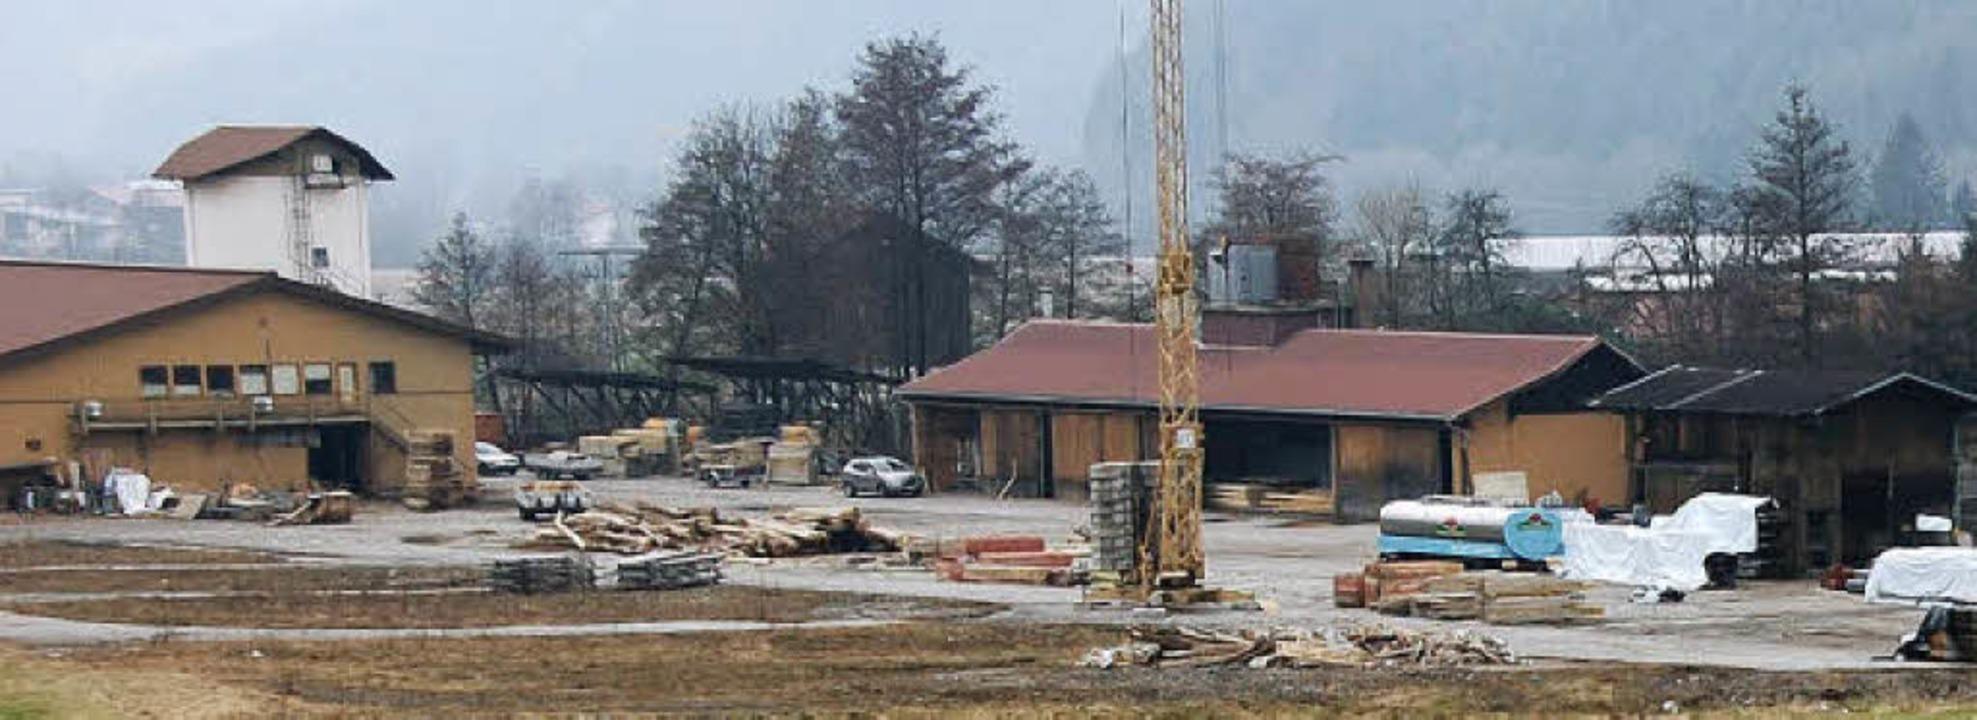 Das Areal des ehemaligen Sägewerks Kap...werblicher Bebauung zugeführt werden.     Foto: Elfriede Mosmann